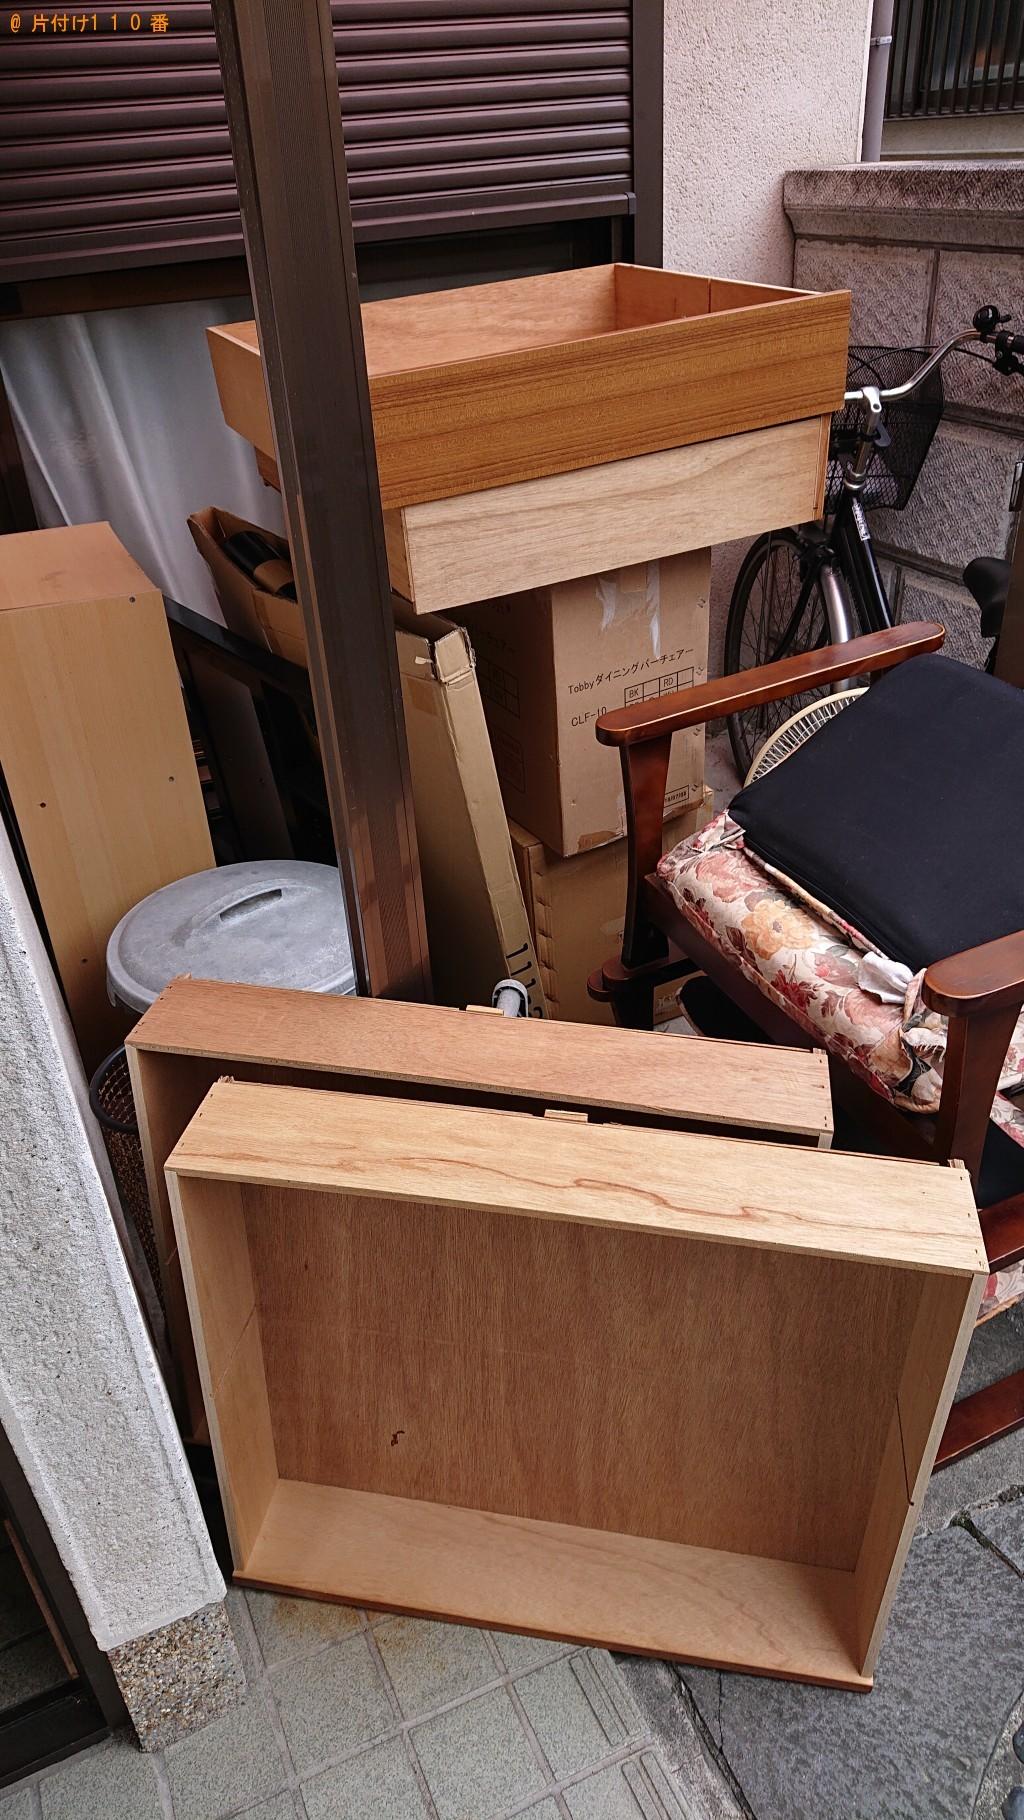 【大和高田市】整理タンス、エアコン、回転イス等の回収・処分 お客様の声